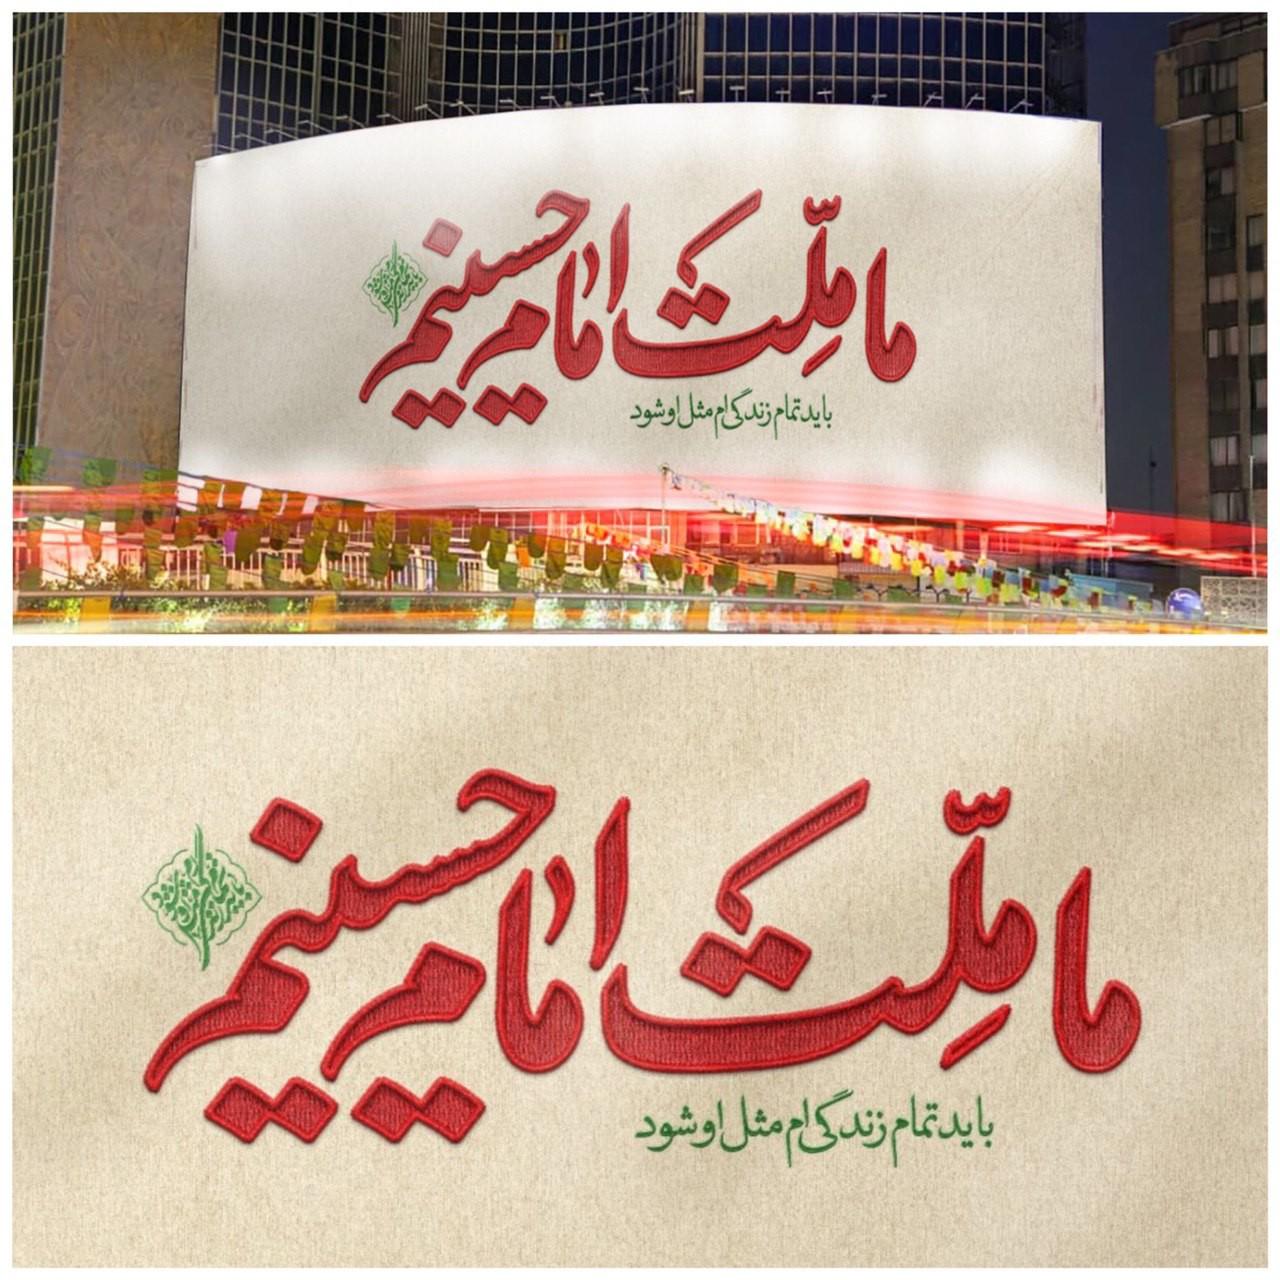 رونمایی از دیوارنگاره میدان ولیعصر به مناسبت ماه محرم